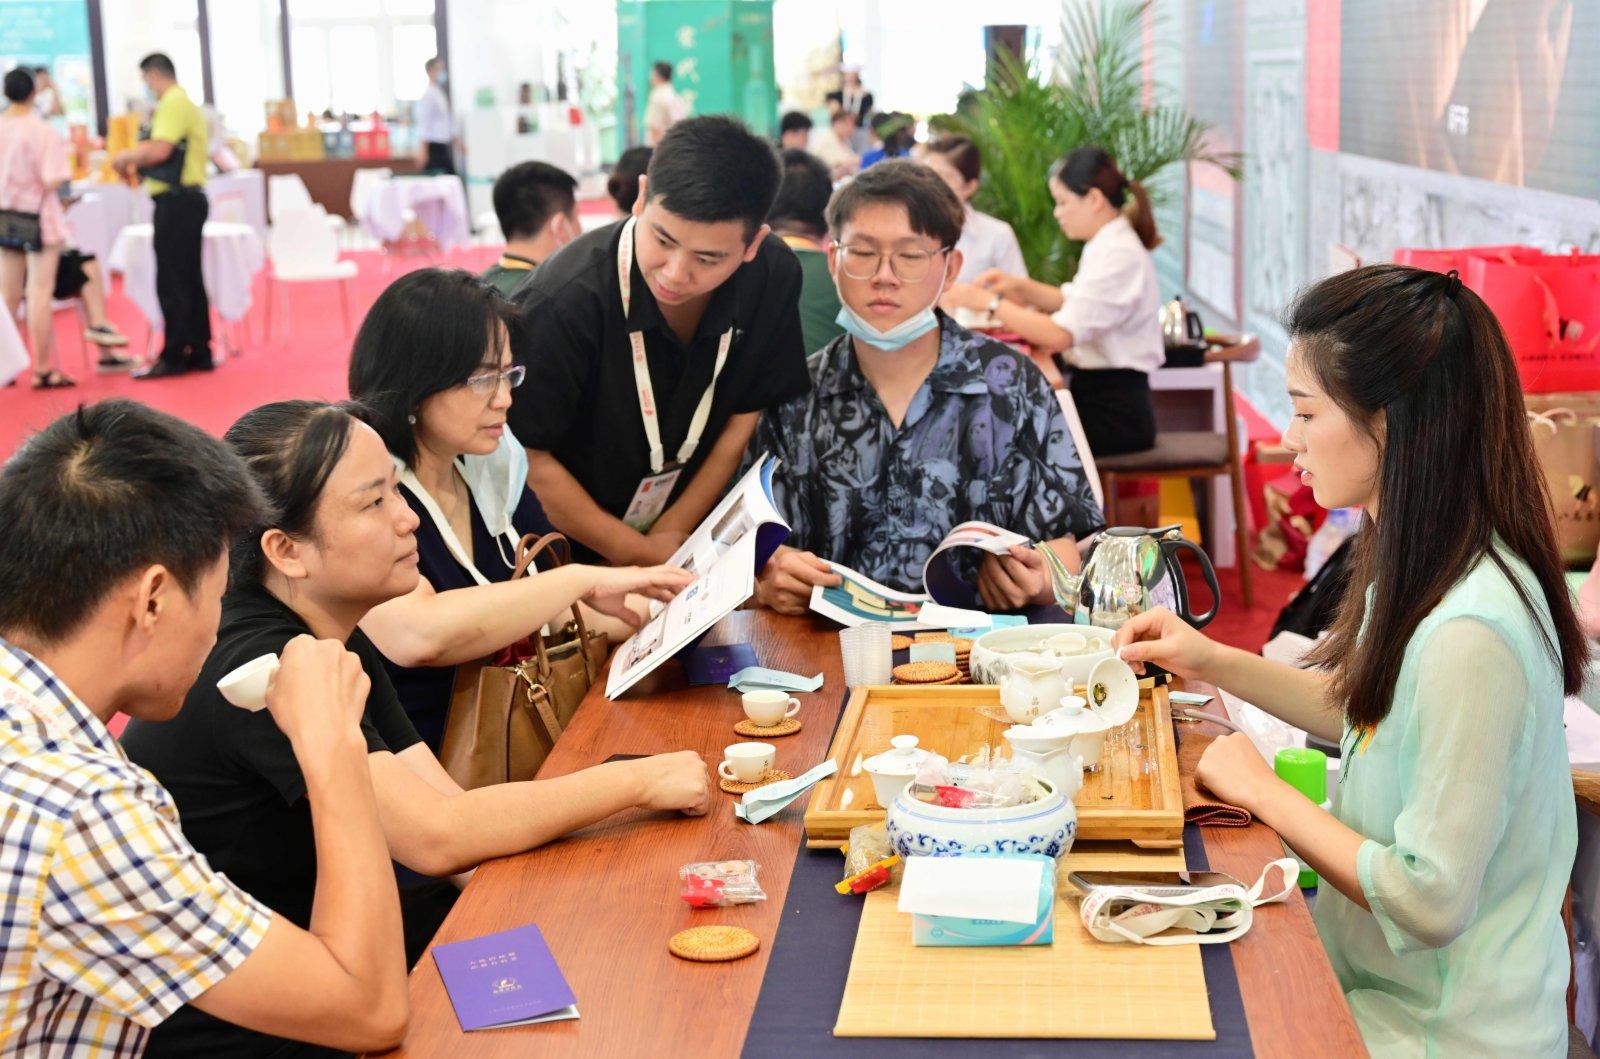 在第二十一屆中國國際投資貿易洽談會中國茶業投資貿易博覽會現場,客商們在品嘗來自福建省安溪縣的烏龍茶鐵觀音。(新華社)